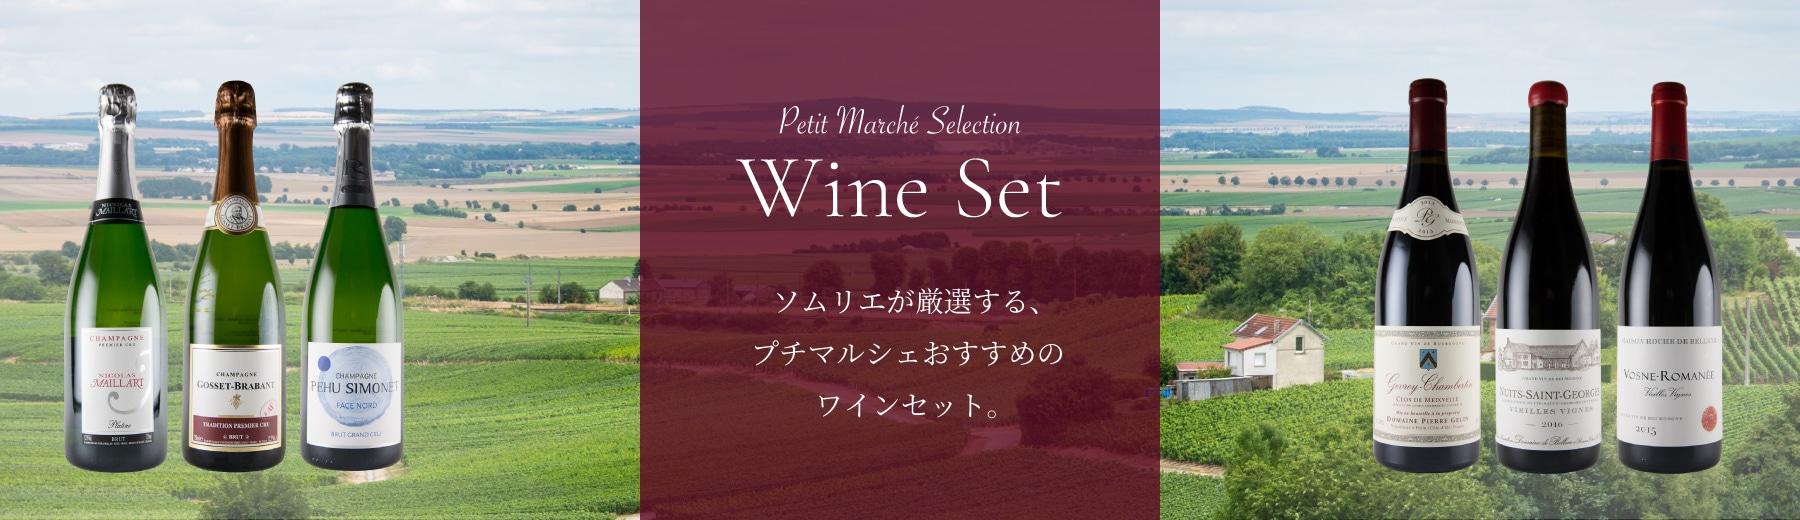 Wine Set ワインセット